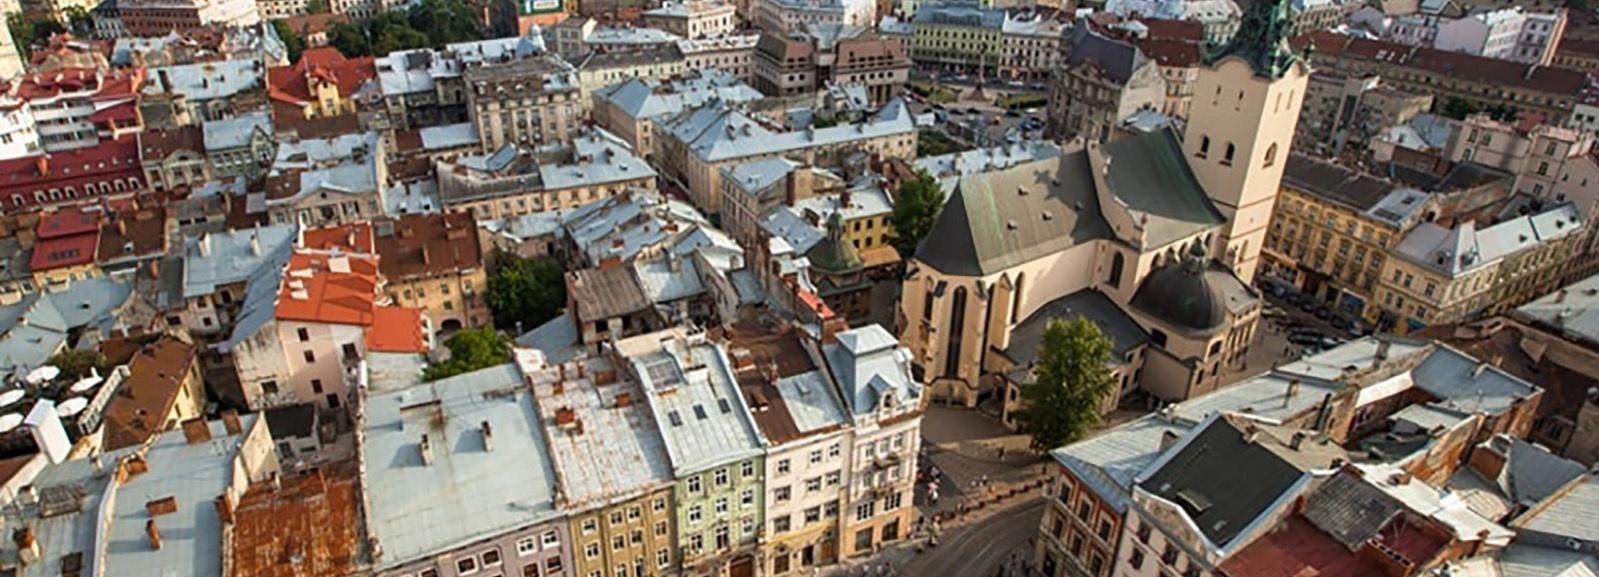 Lviv: Rondleiding met panoramische rooftop